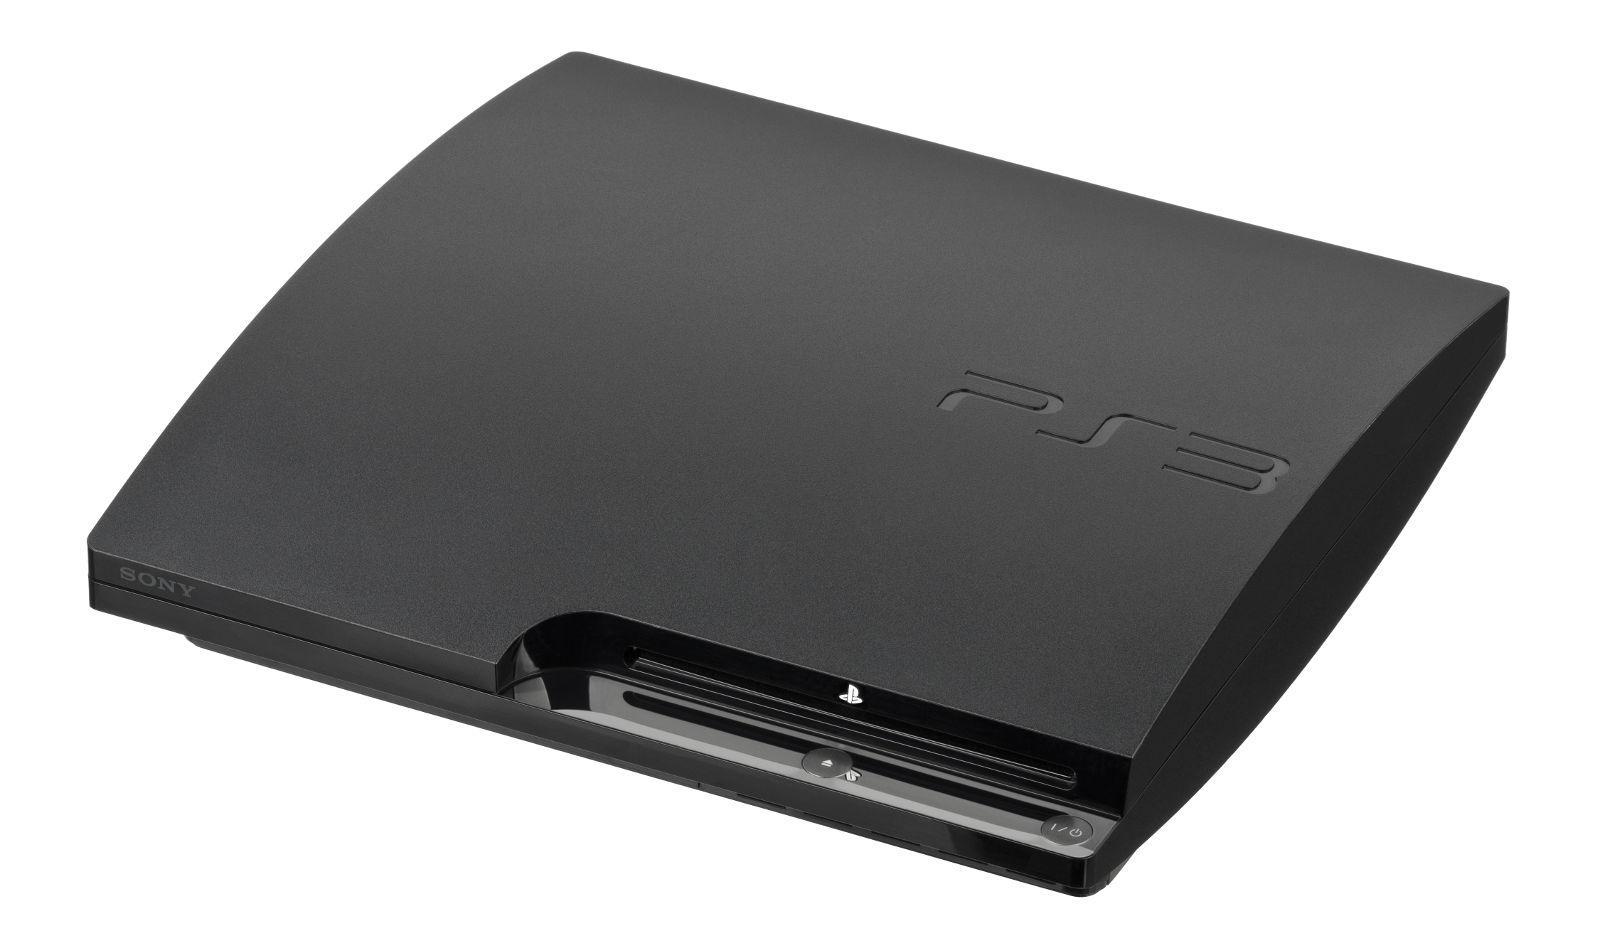 Juegos de PS3 desaparecerán de la PlayStation Store web y app